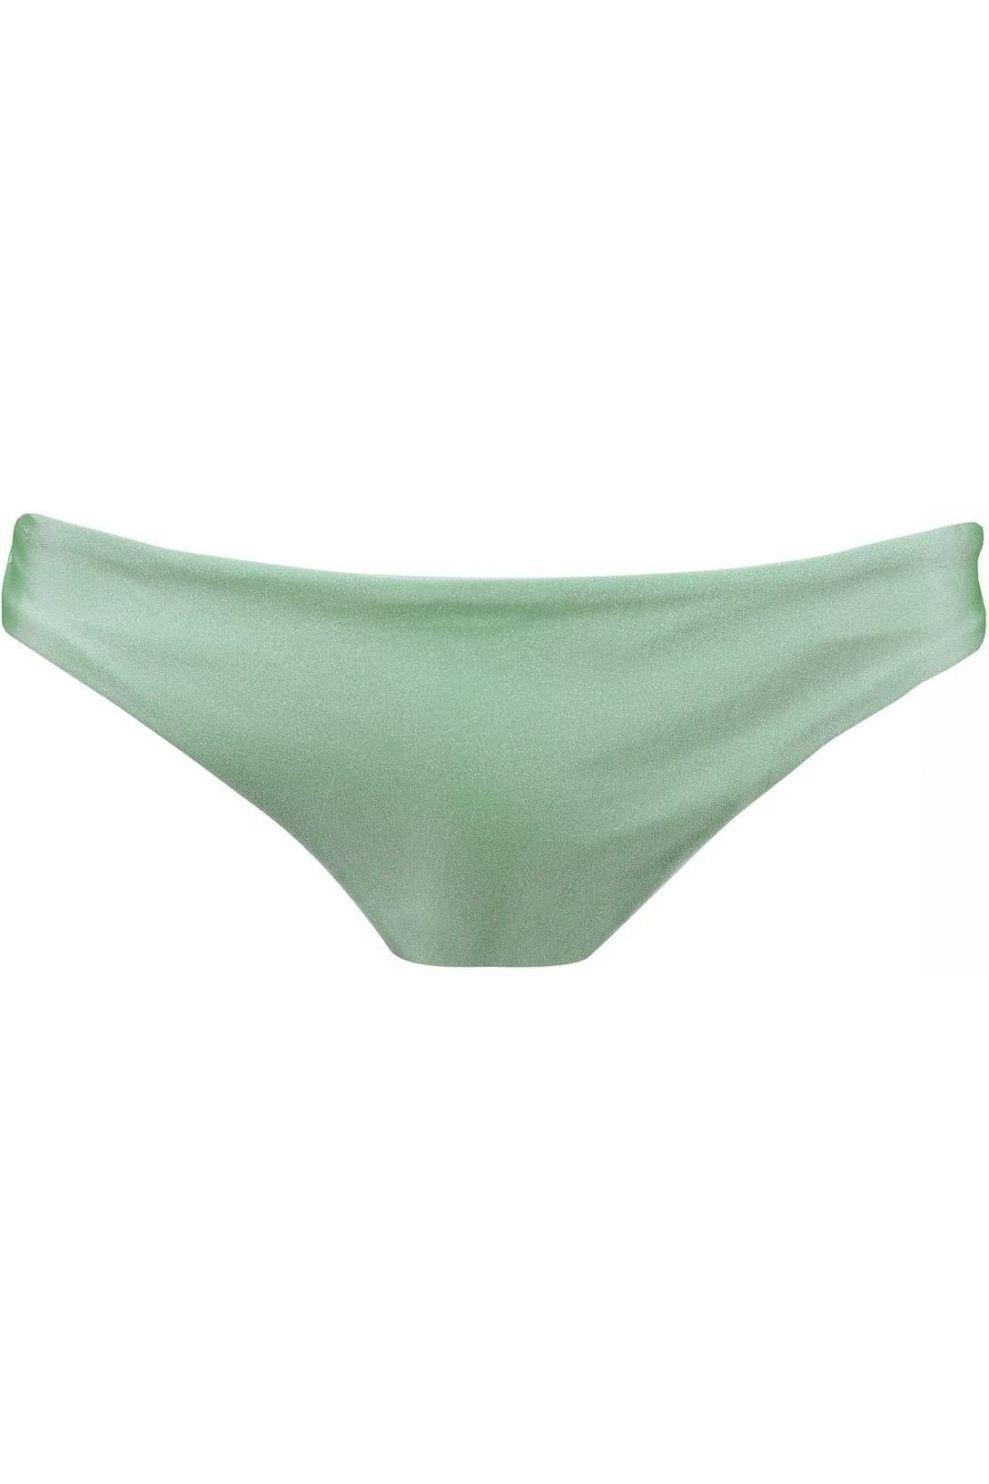 Barts Slip Isla Bikini Brief voor dames - Groen - Maat: 38